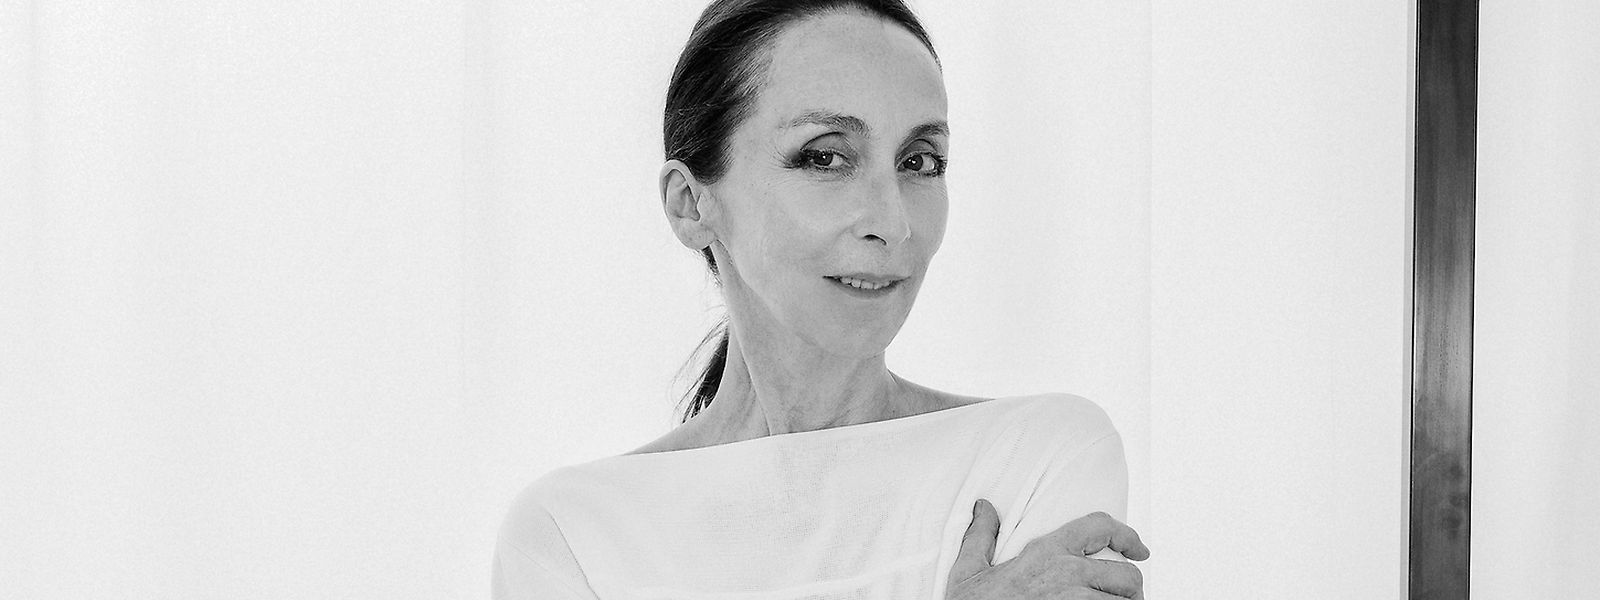 """Die Fashion-Instanz verwaltet längst nicht mehr nur ihre eigene Sammlung. Seit Kurzem kuratiert sie auch die """"Petite Boutique d'Alaïa""""."""